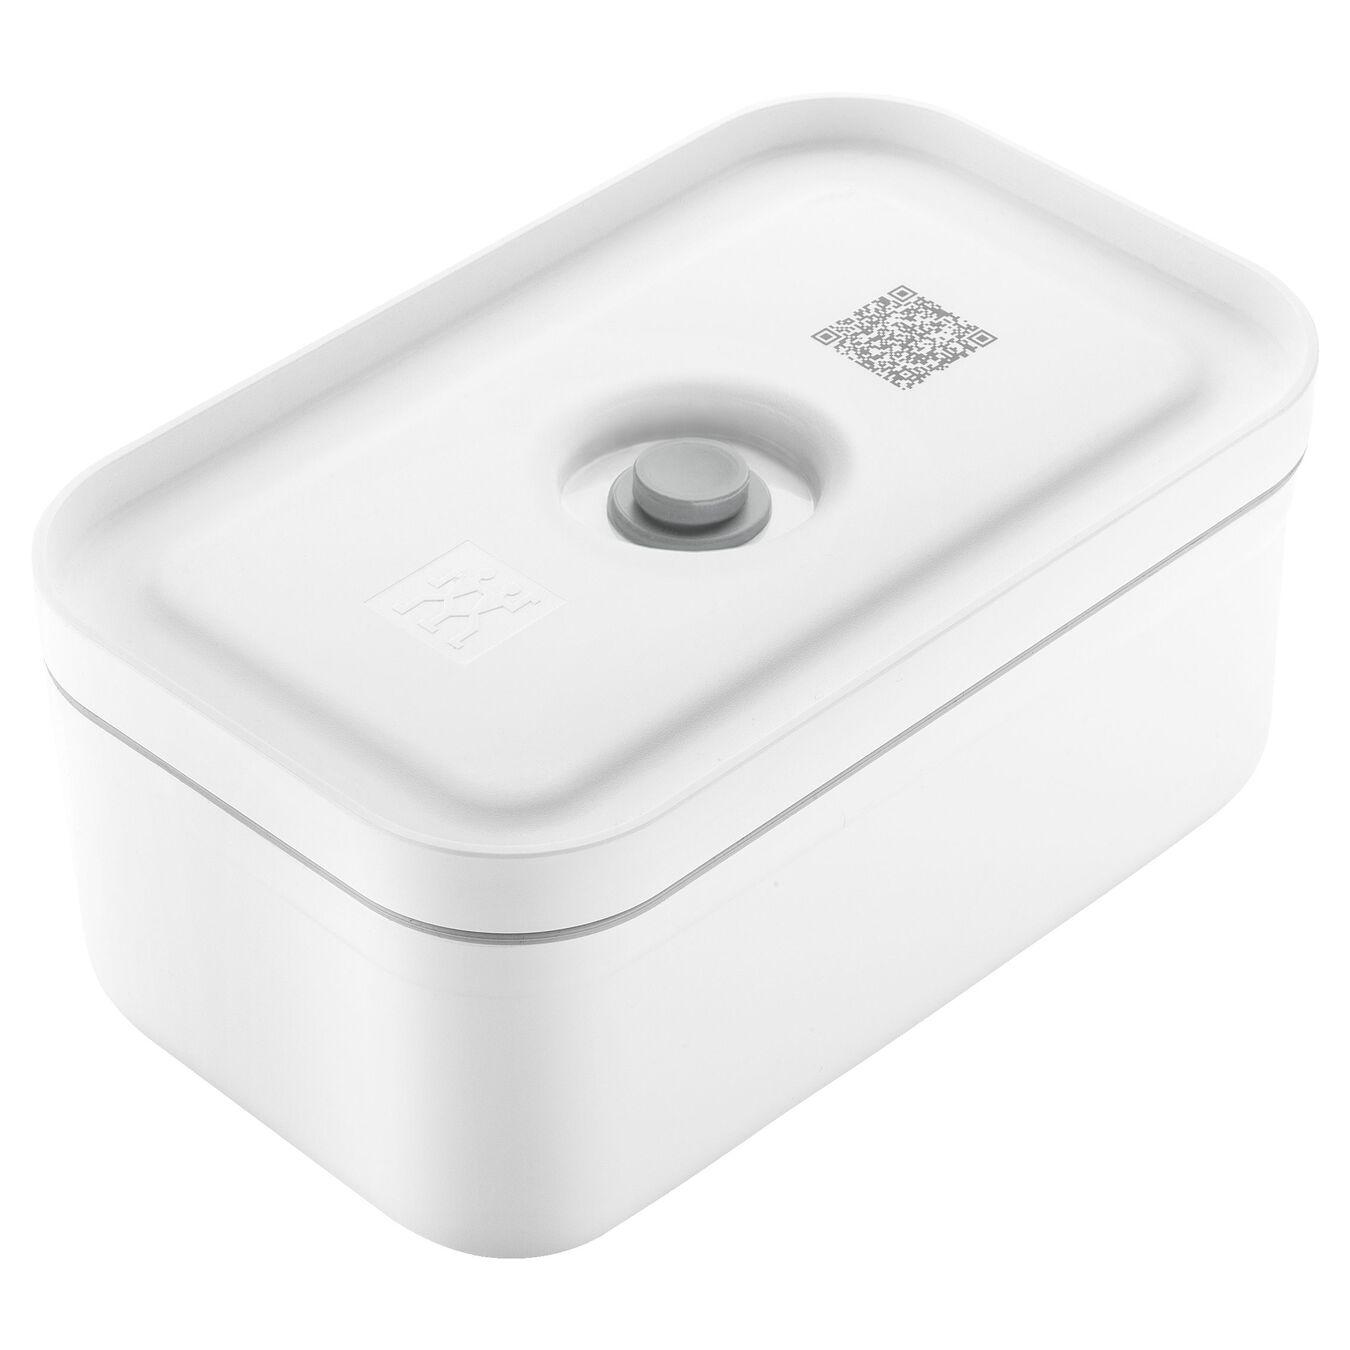 medium Vacuum lunch box, white,,large 1